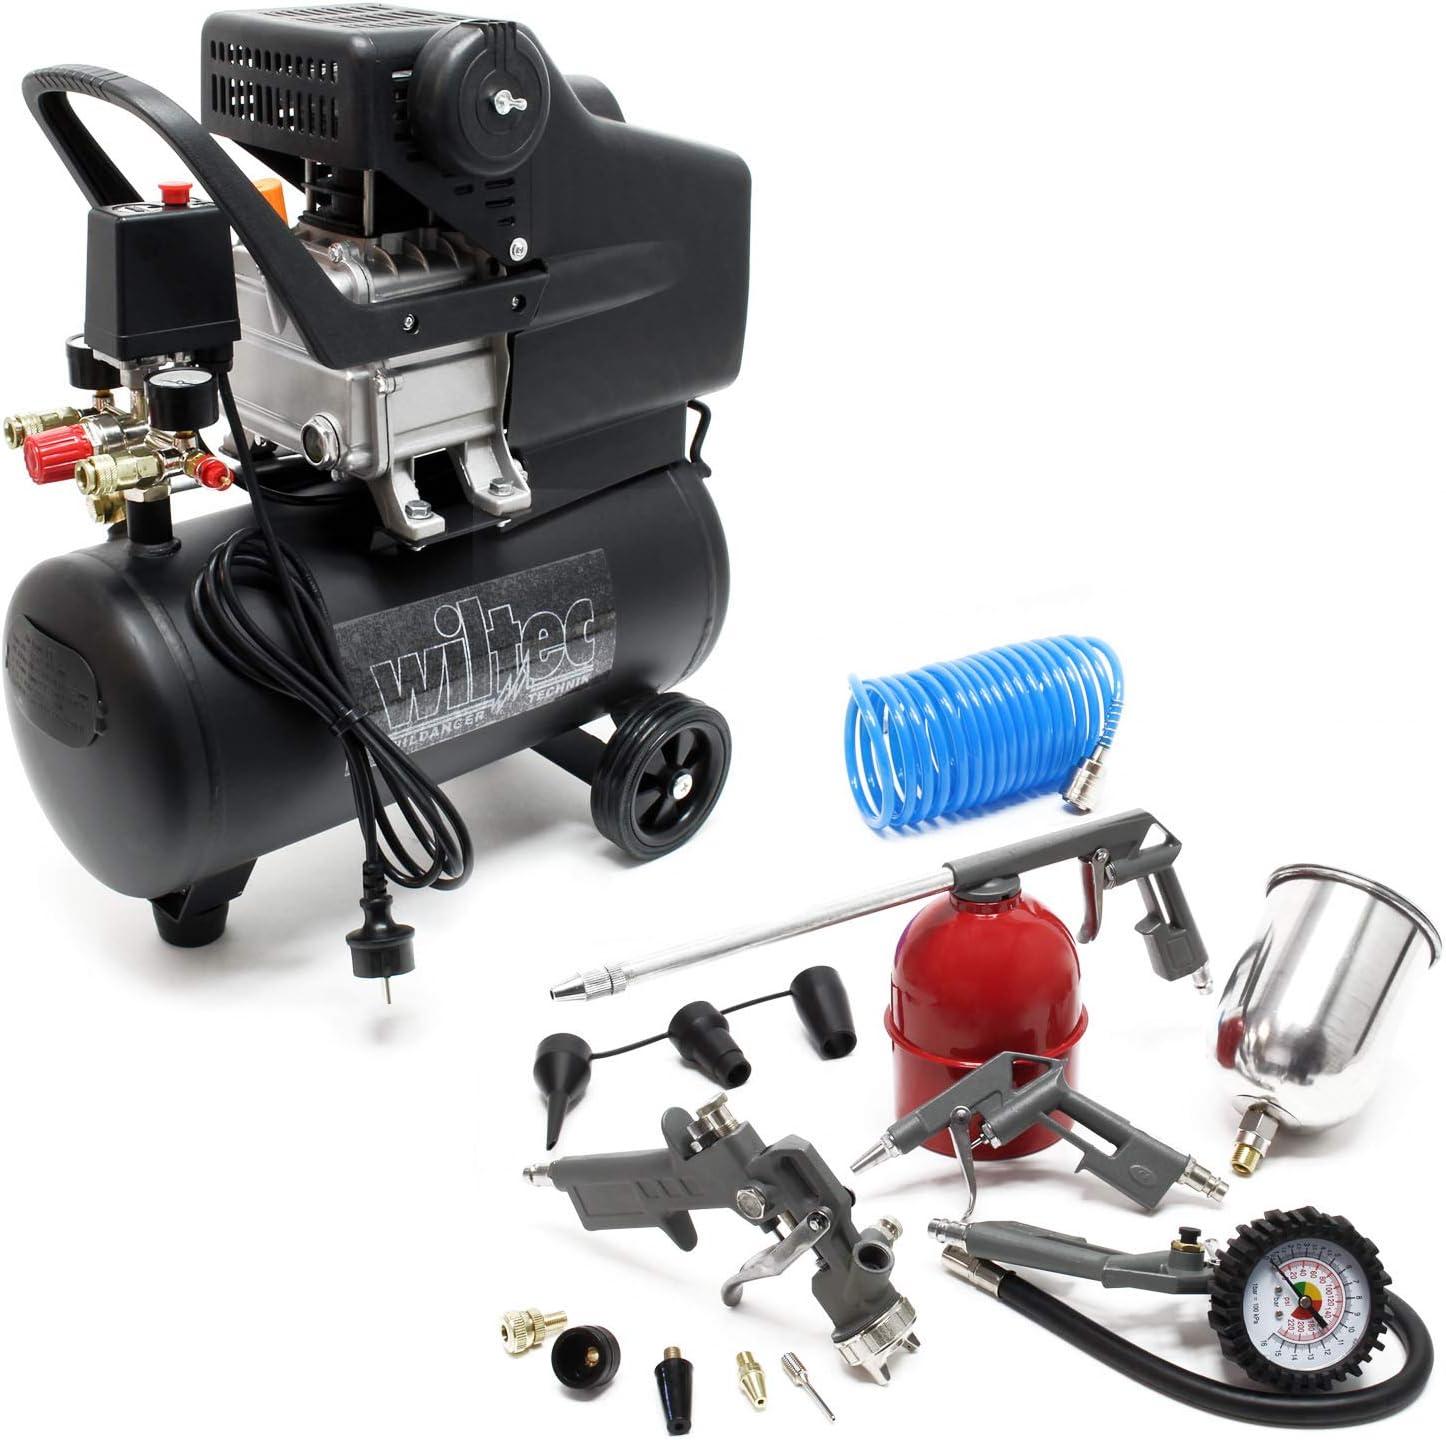 Compressore 24 litri con set di accessori da 13 pz Compressore daria compressa con accessori